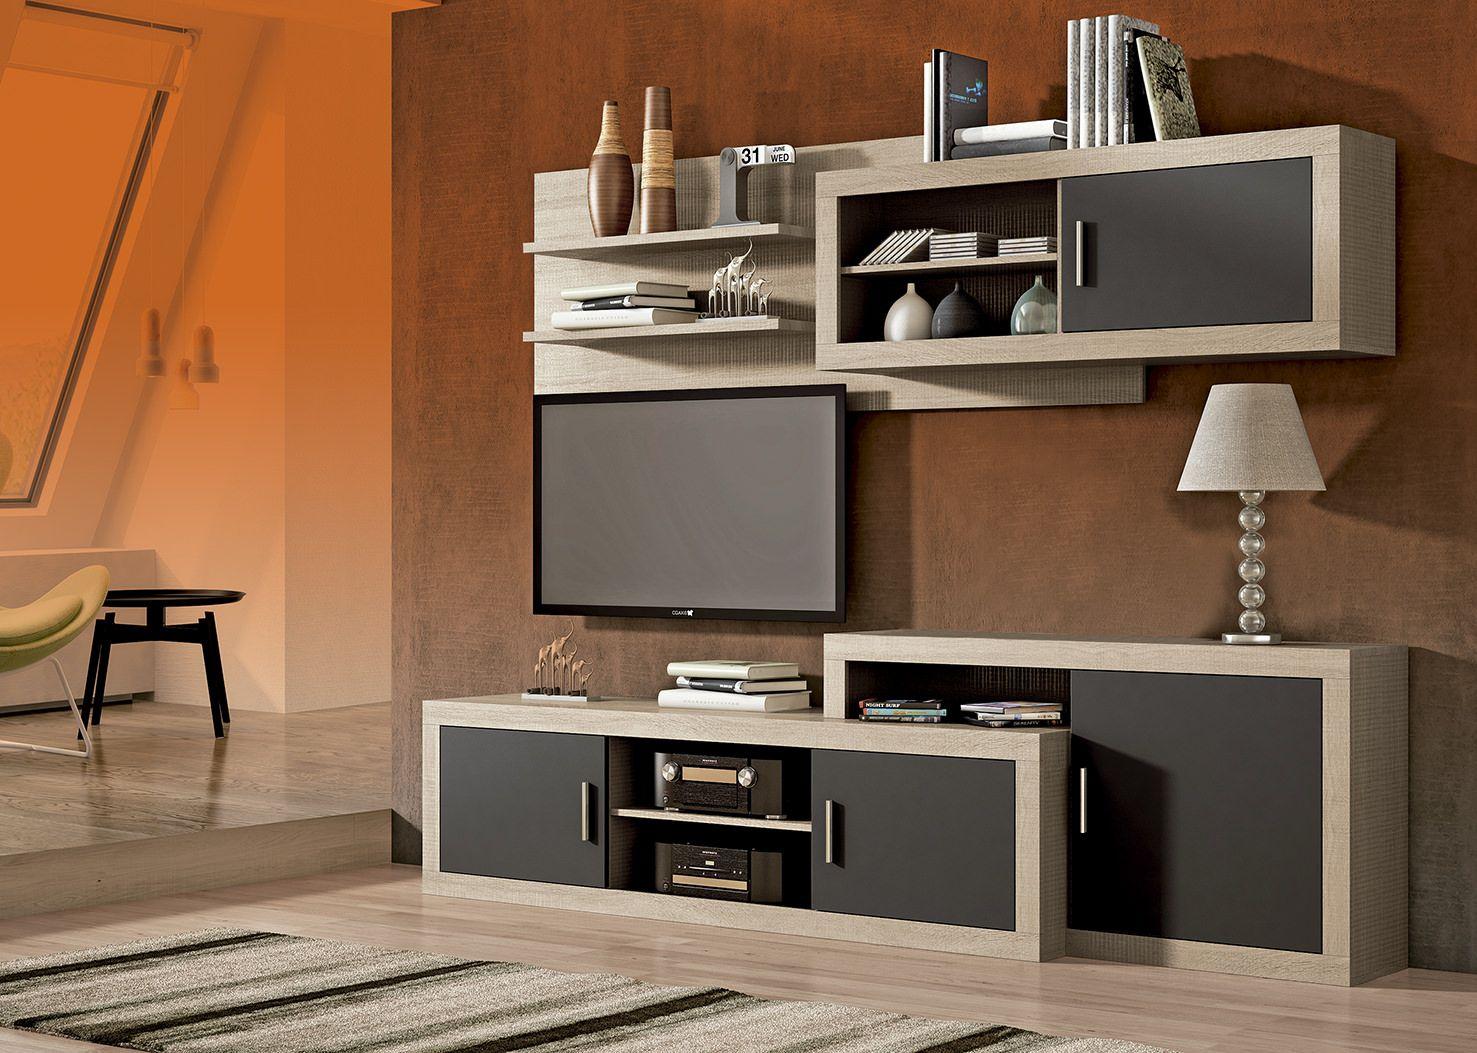 Mueble de comedor low cost laraga 03 en color cambrian y negro - Muebles low cost ...